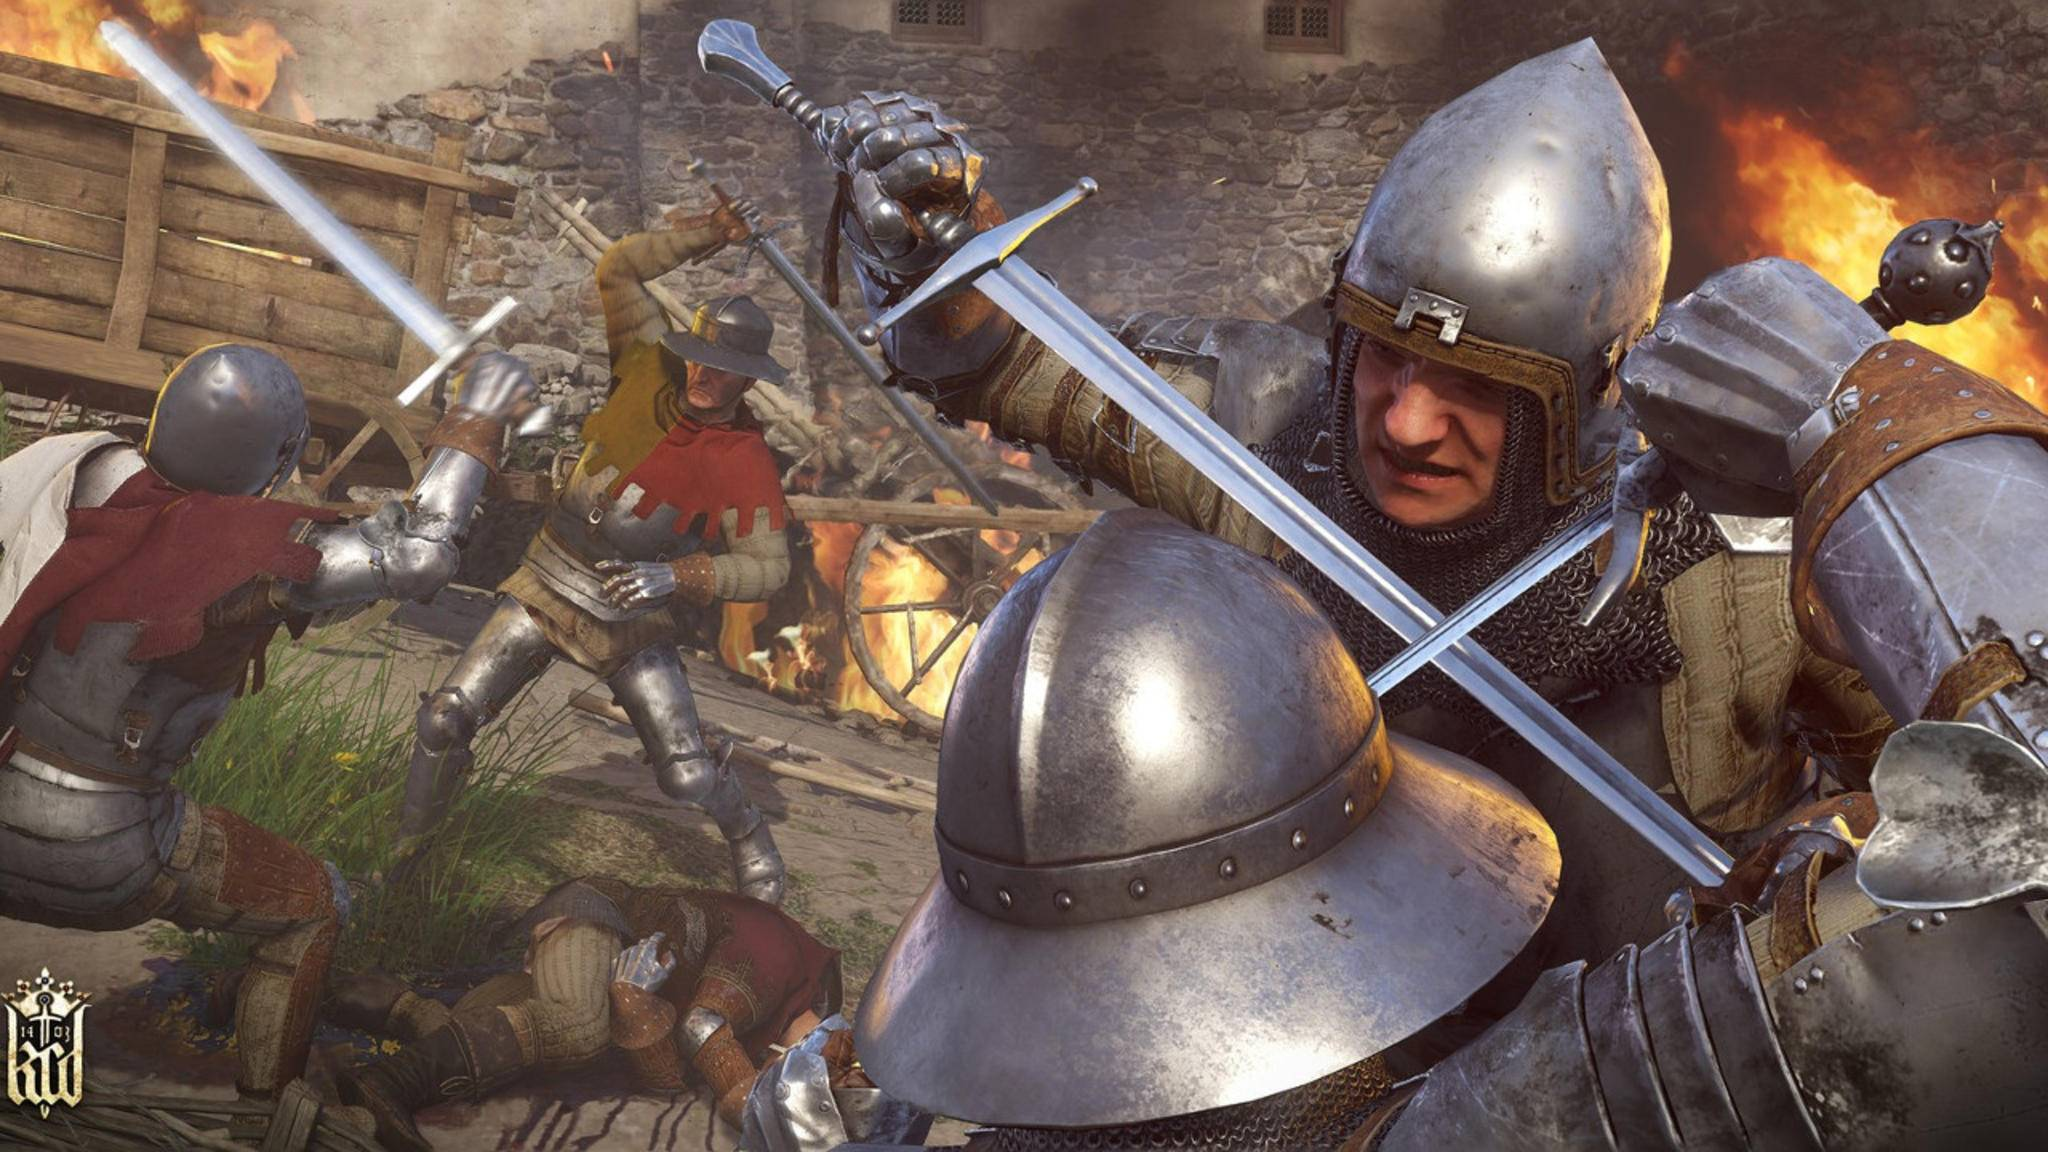 """Das Mittelalter-Rollenspiel """"Kingdom Come: Deliverance"""" dürfte die Gemüter bewegen."""